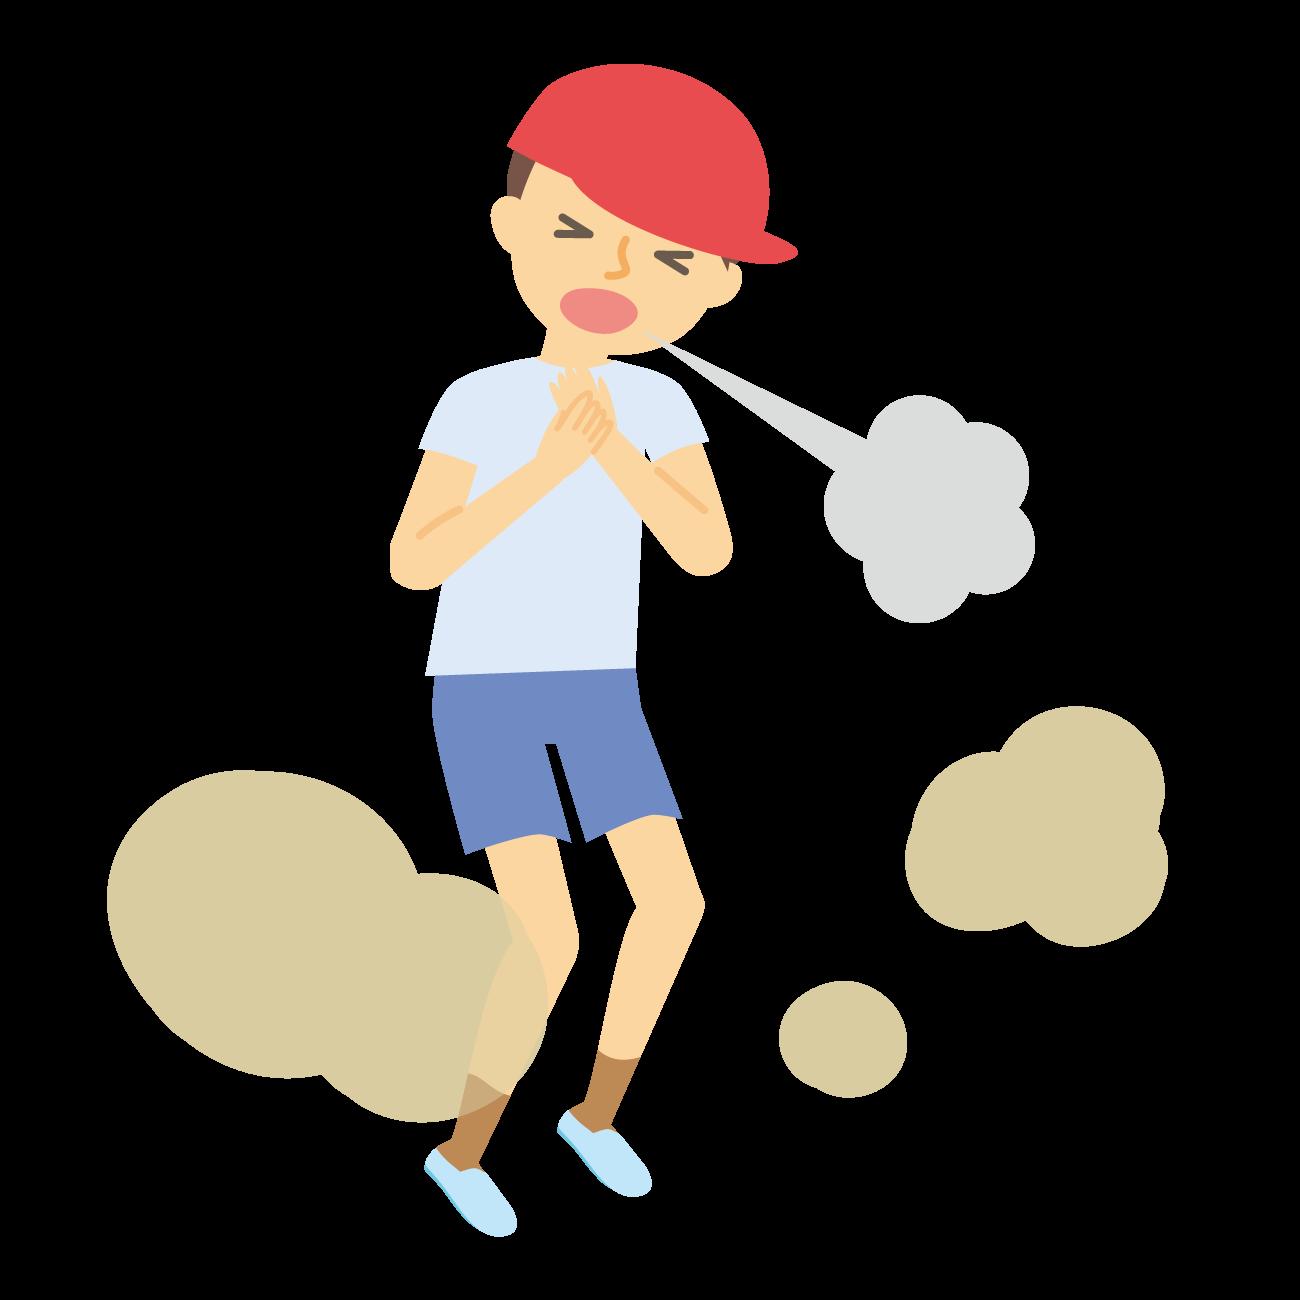 子どものアレルギー性鼻炎に対し、ステロイド点鼻薬や抗ヒスタミン薬を追加すると喘息の増悪が減るかもしれない